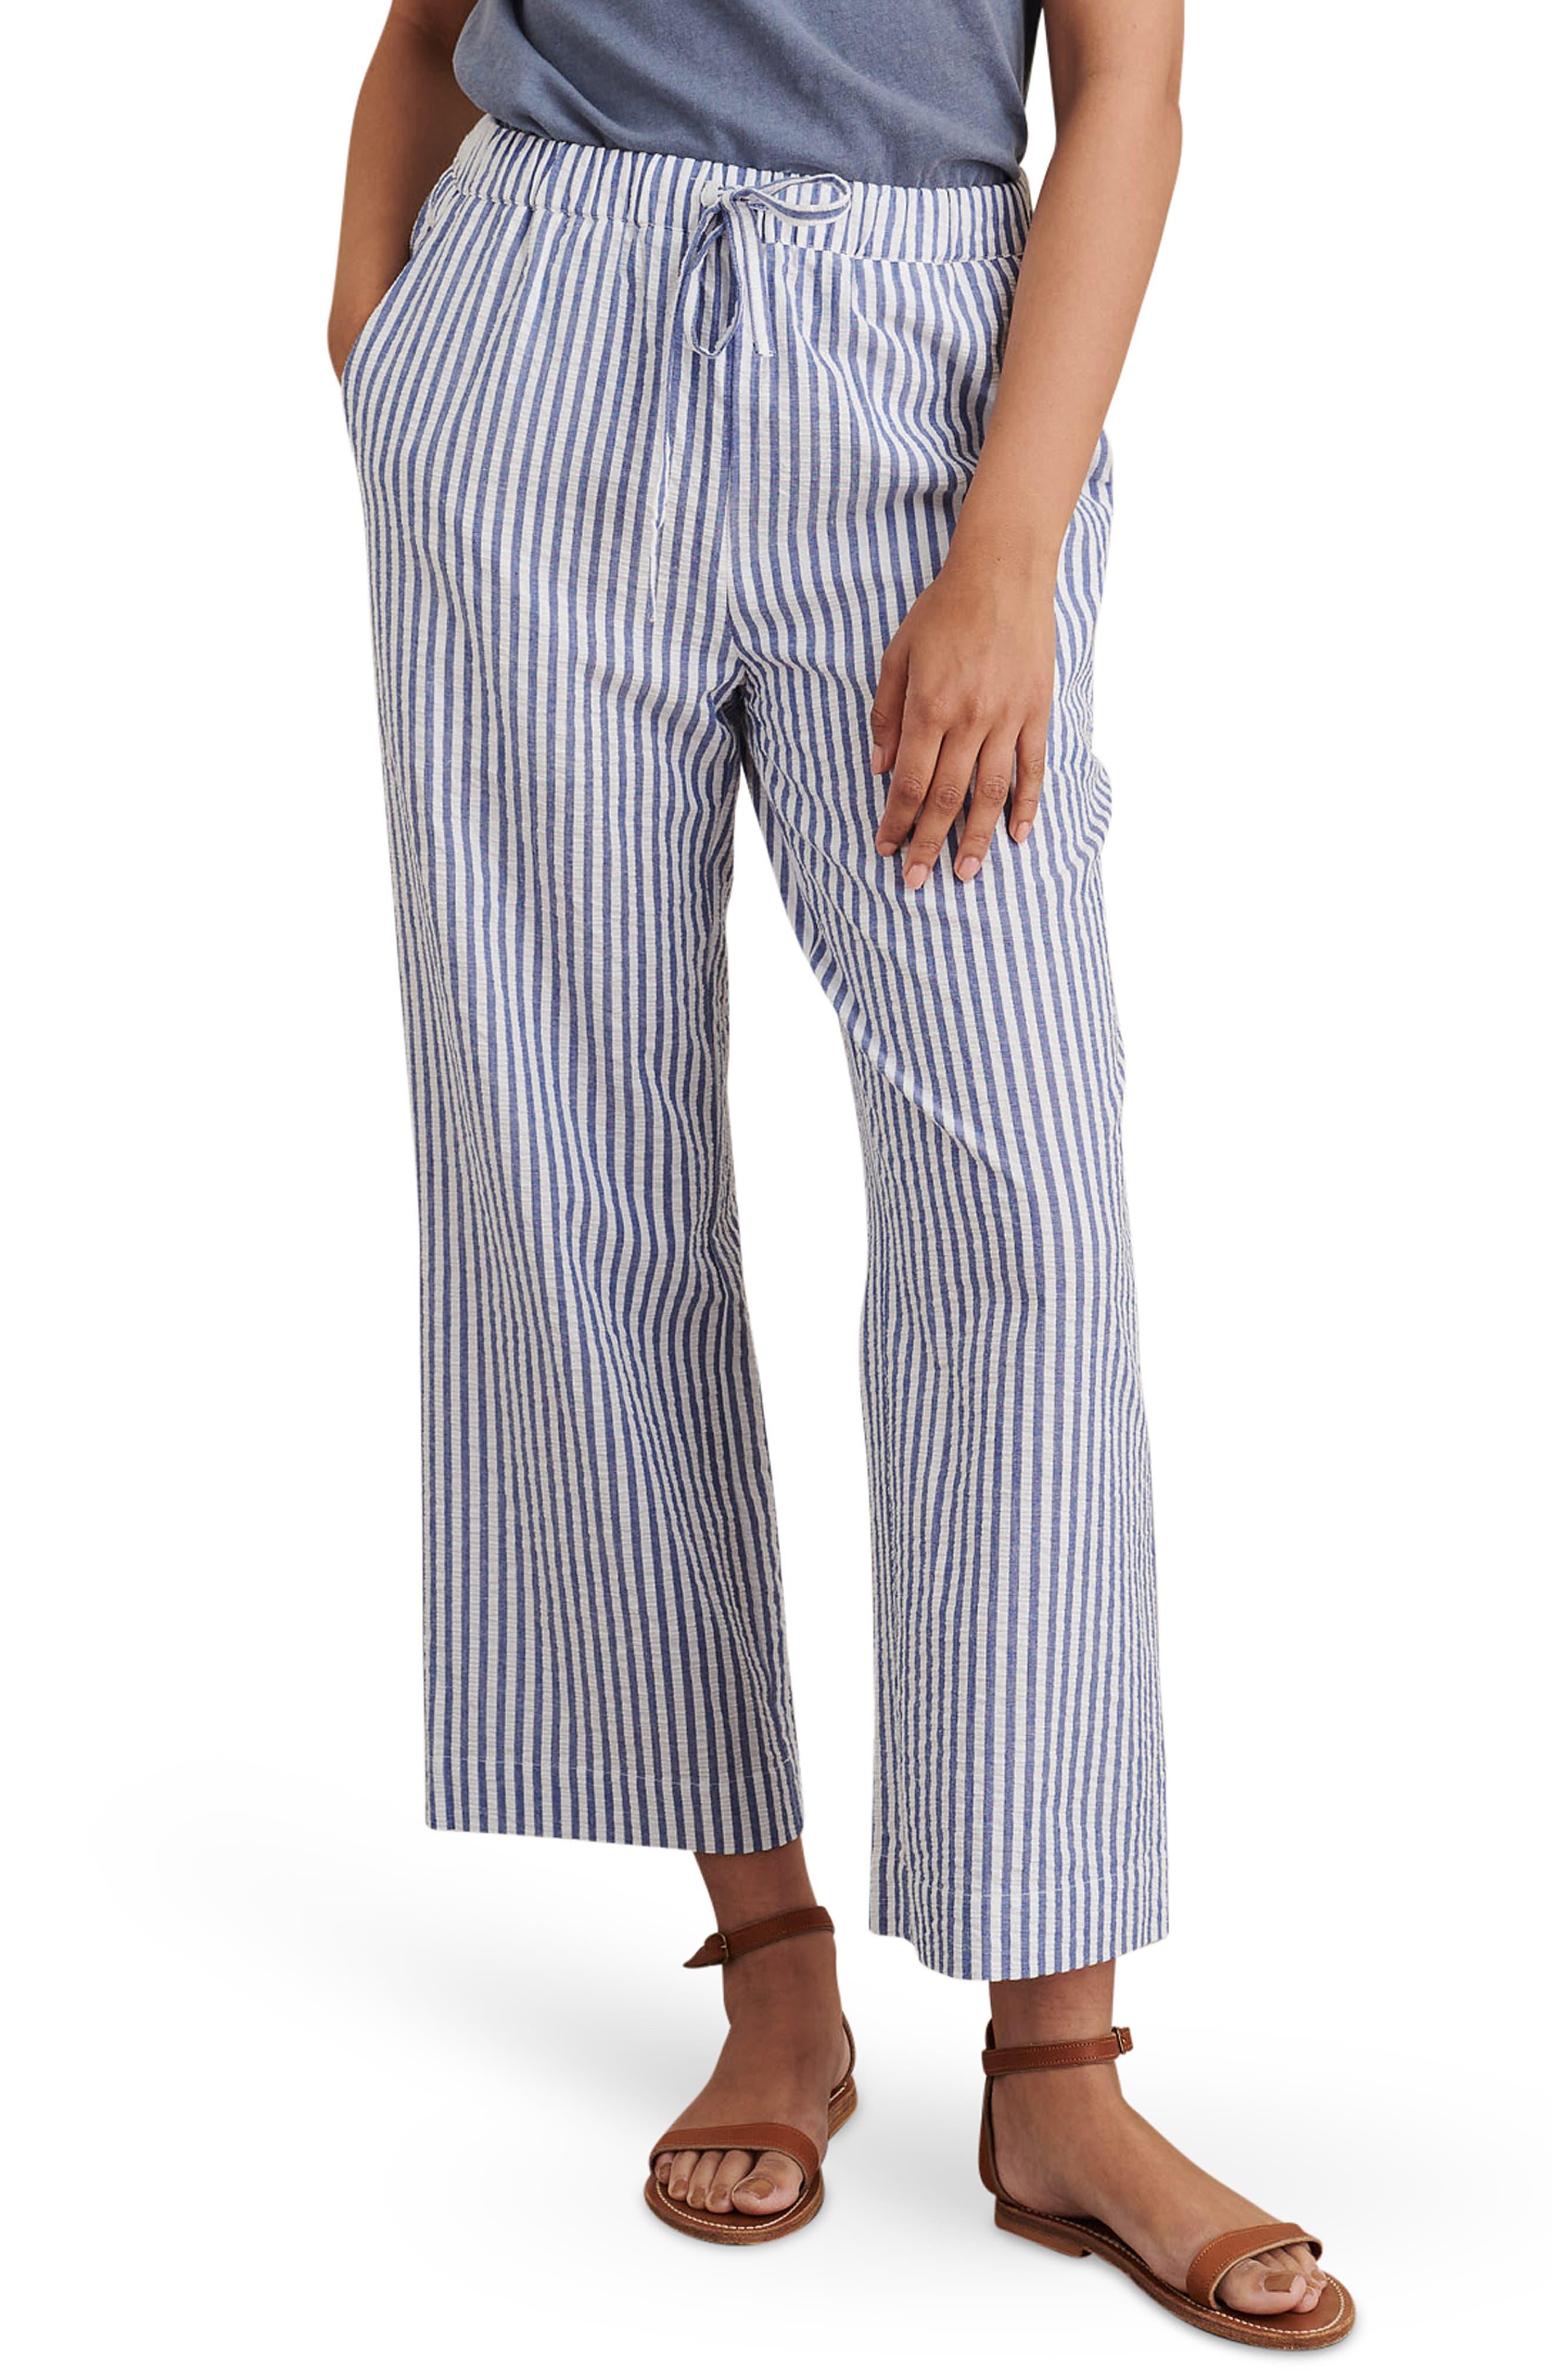 Stripe Seersucker Cotton Wide Leg Pants